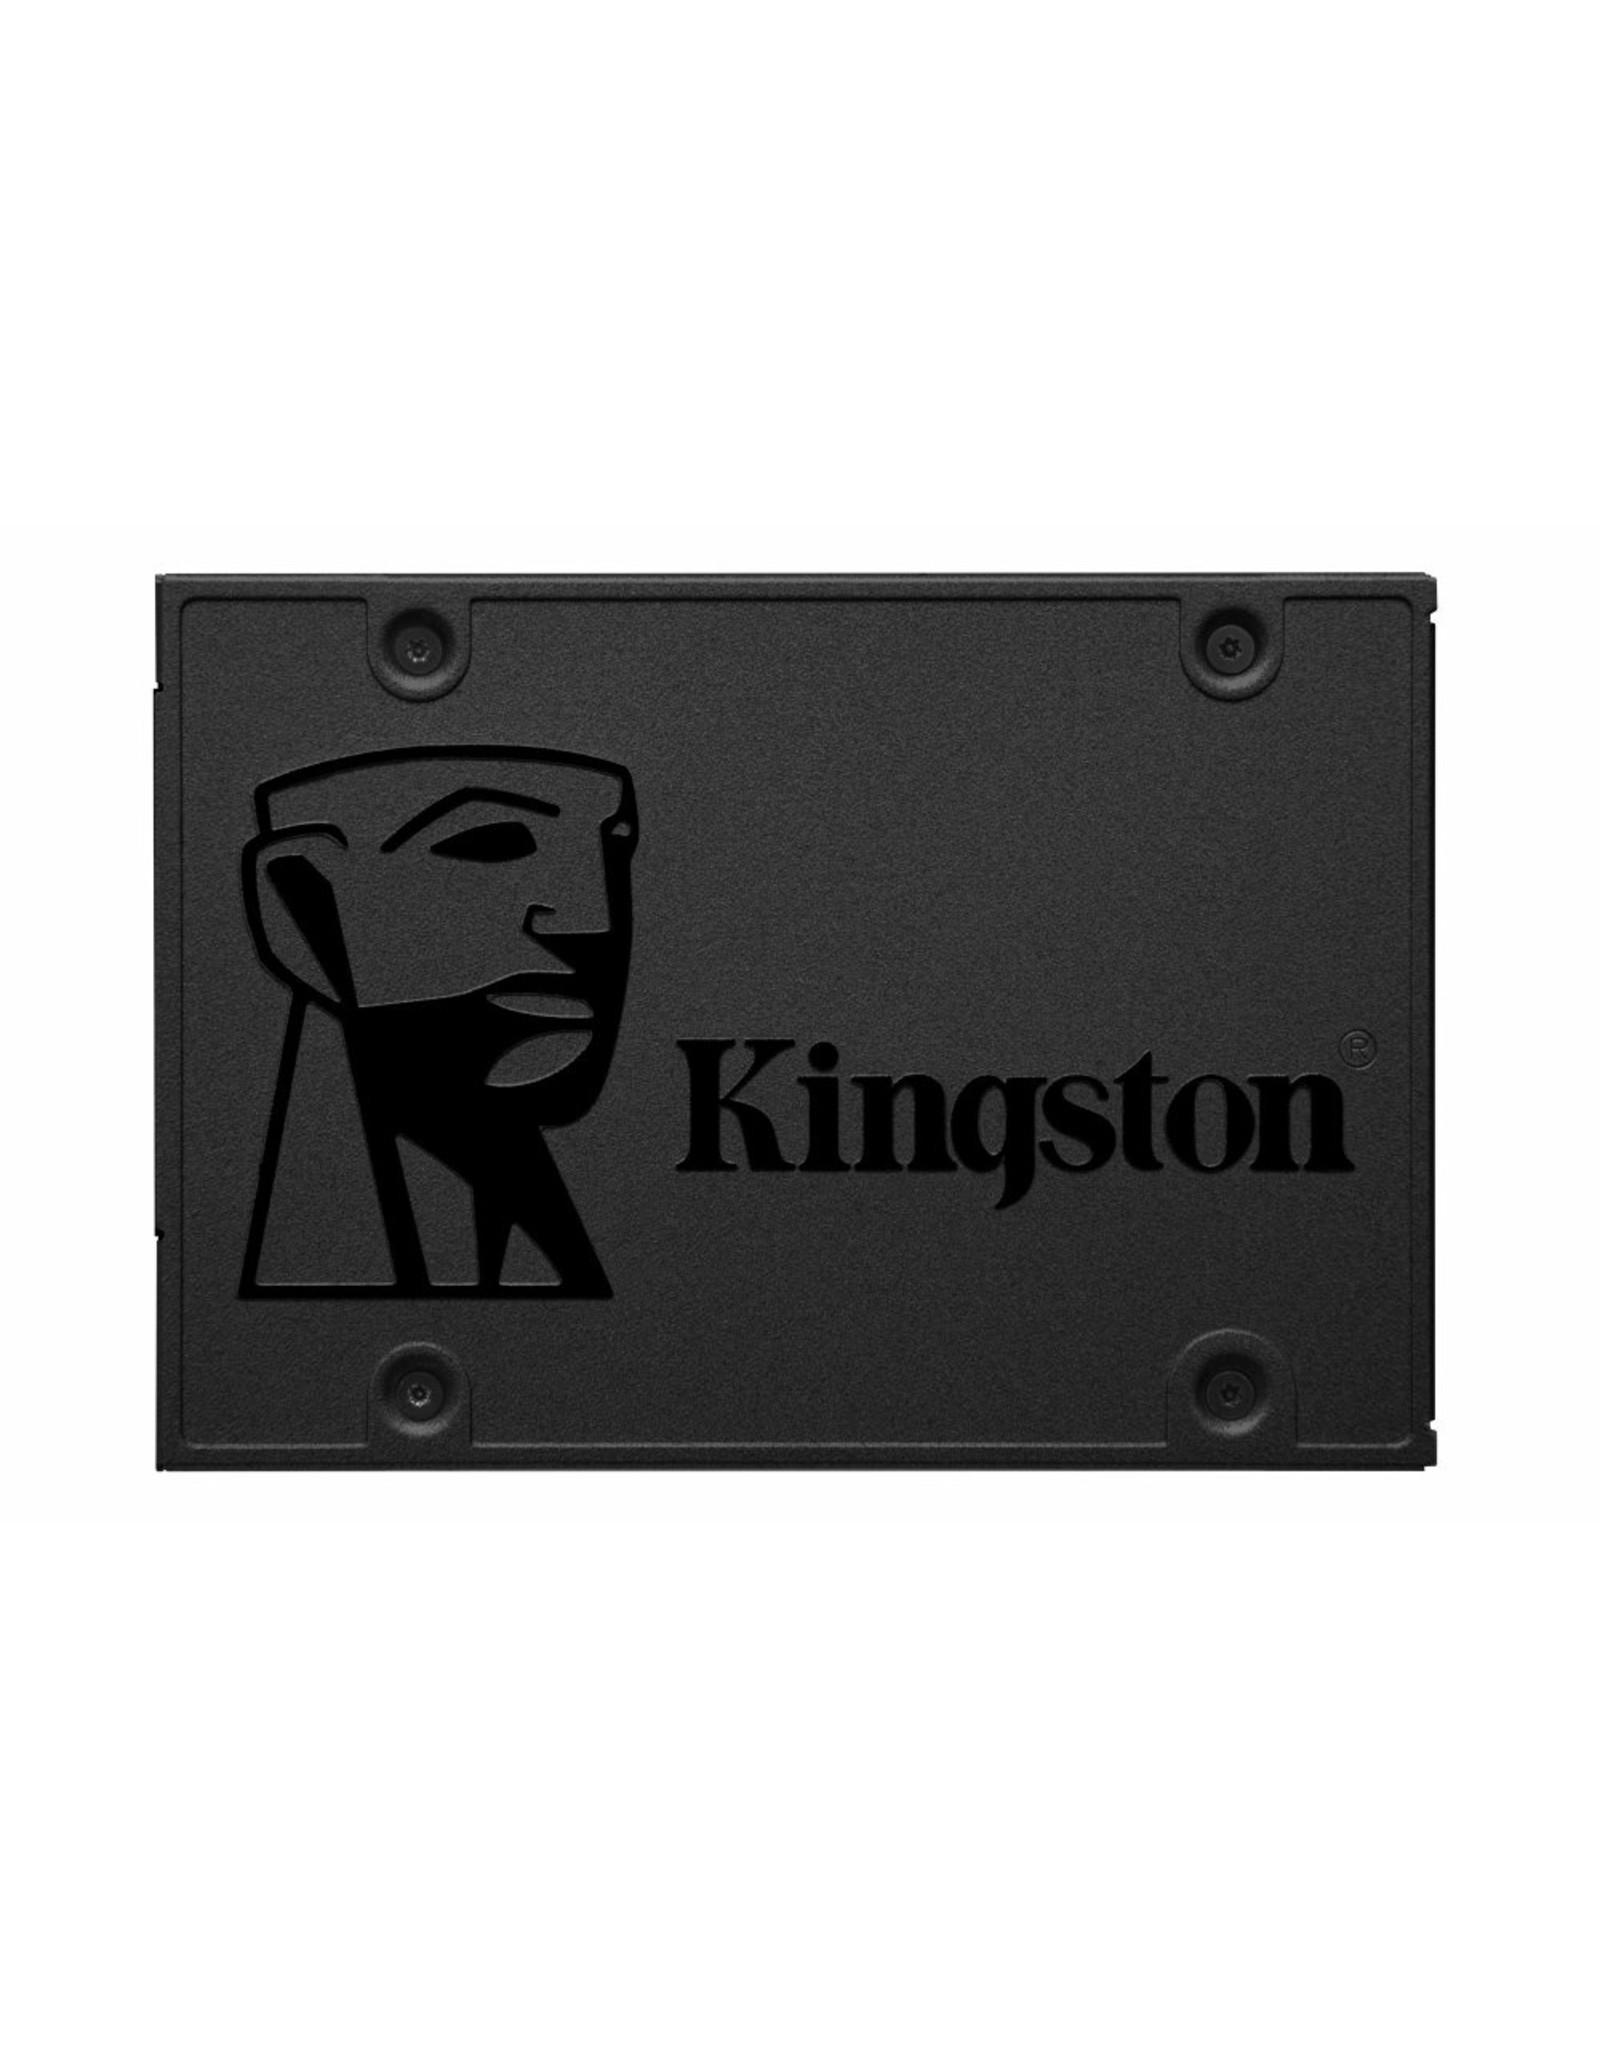 Kingston SSD A400 960GB TLC 500MB/s read 450MB/s